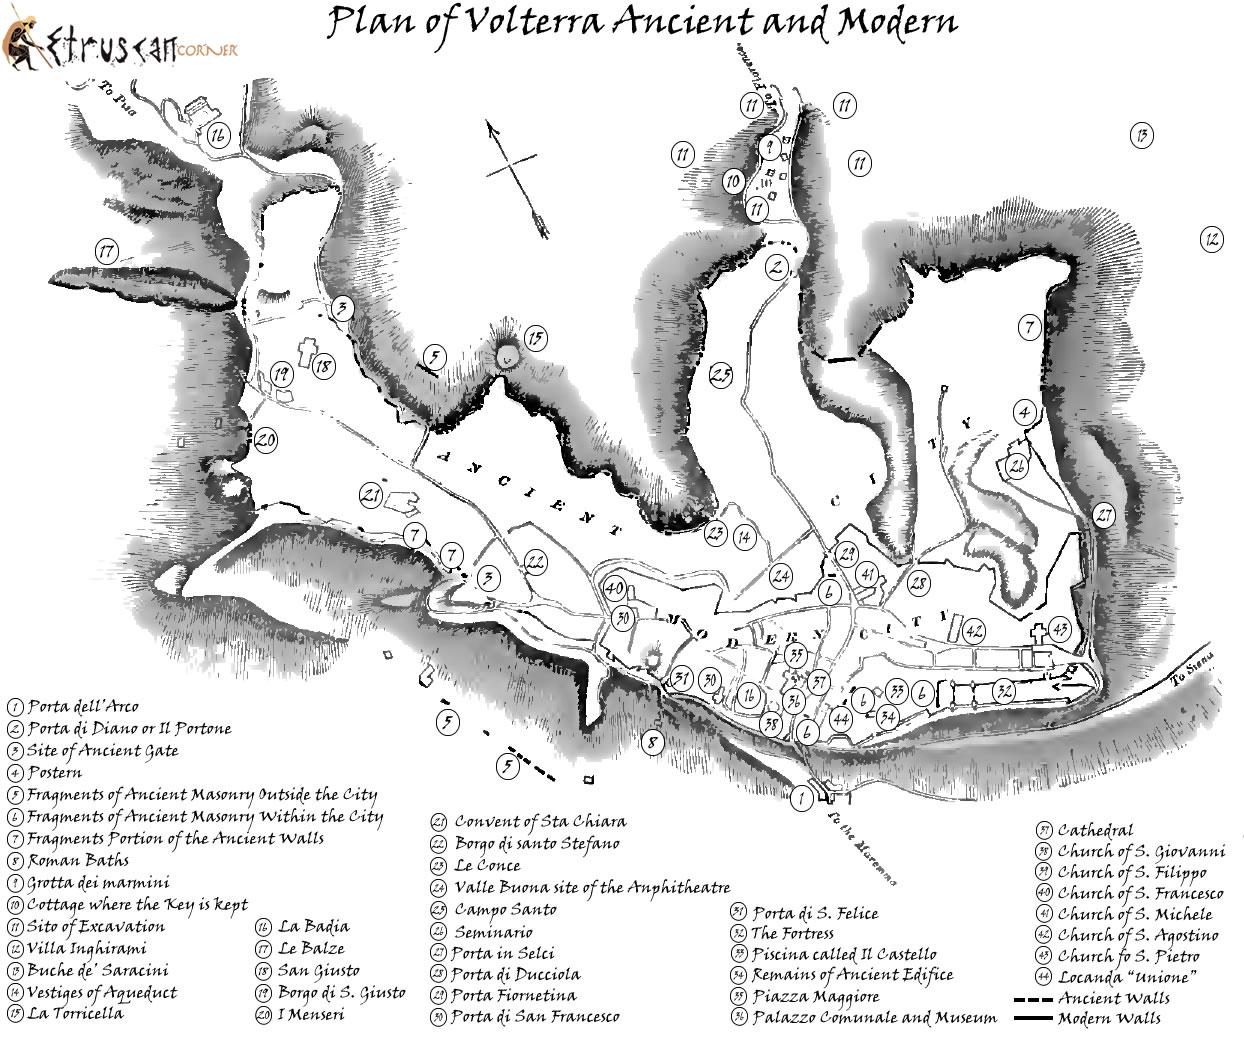 Mappa di Volterra Antica e Moderna